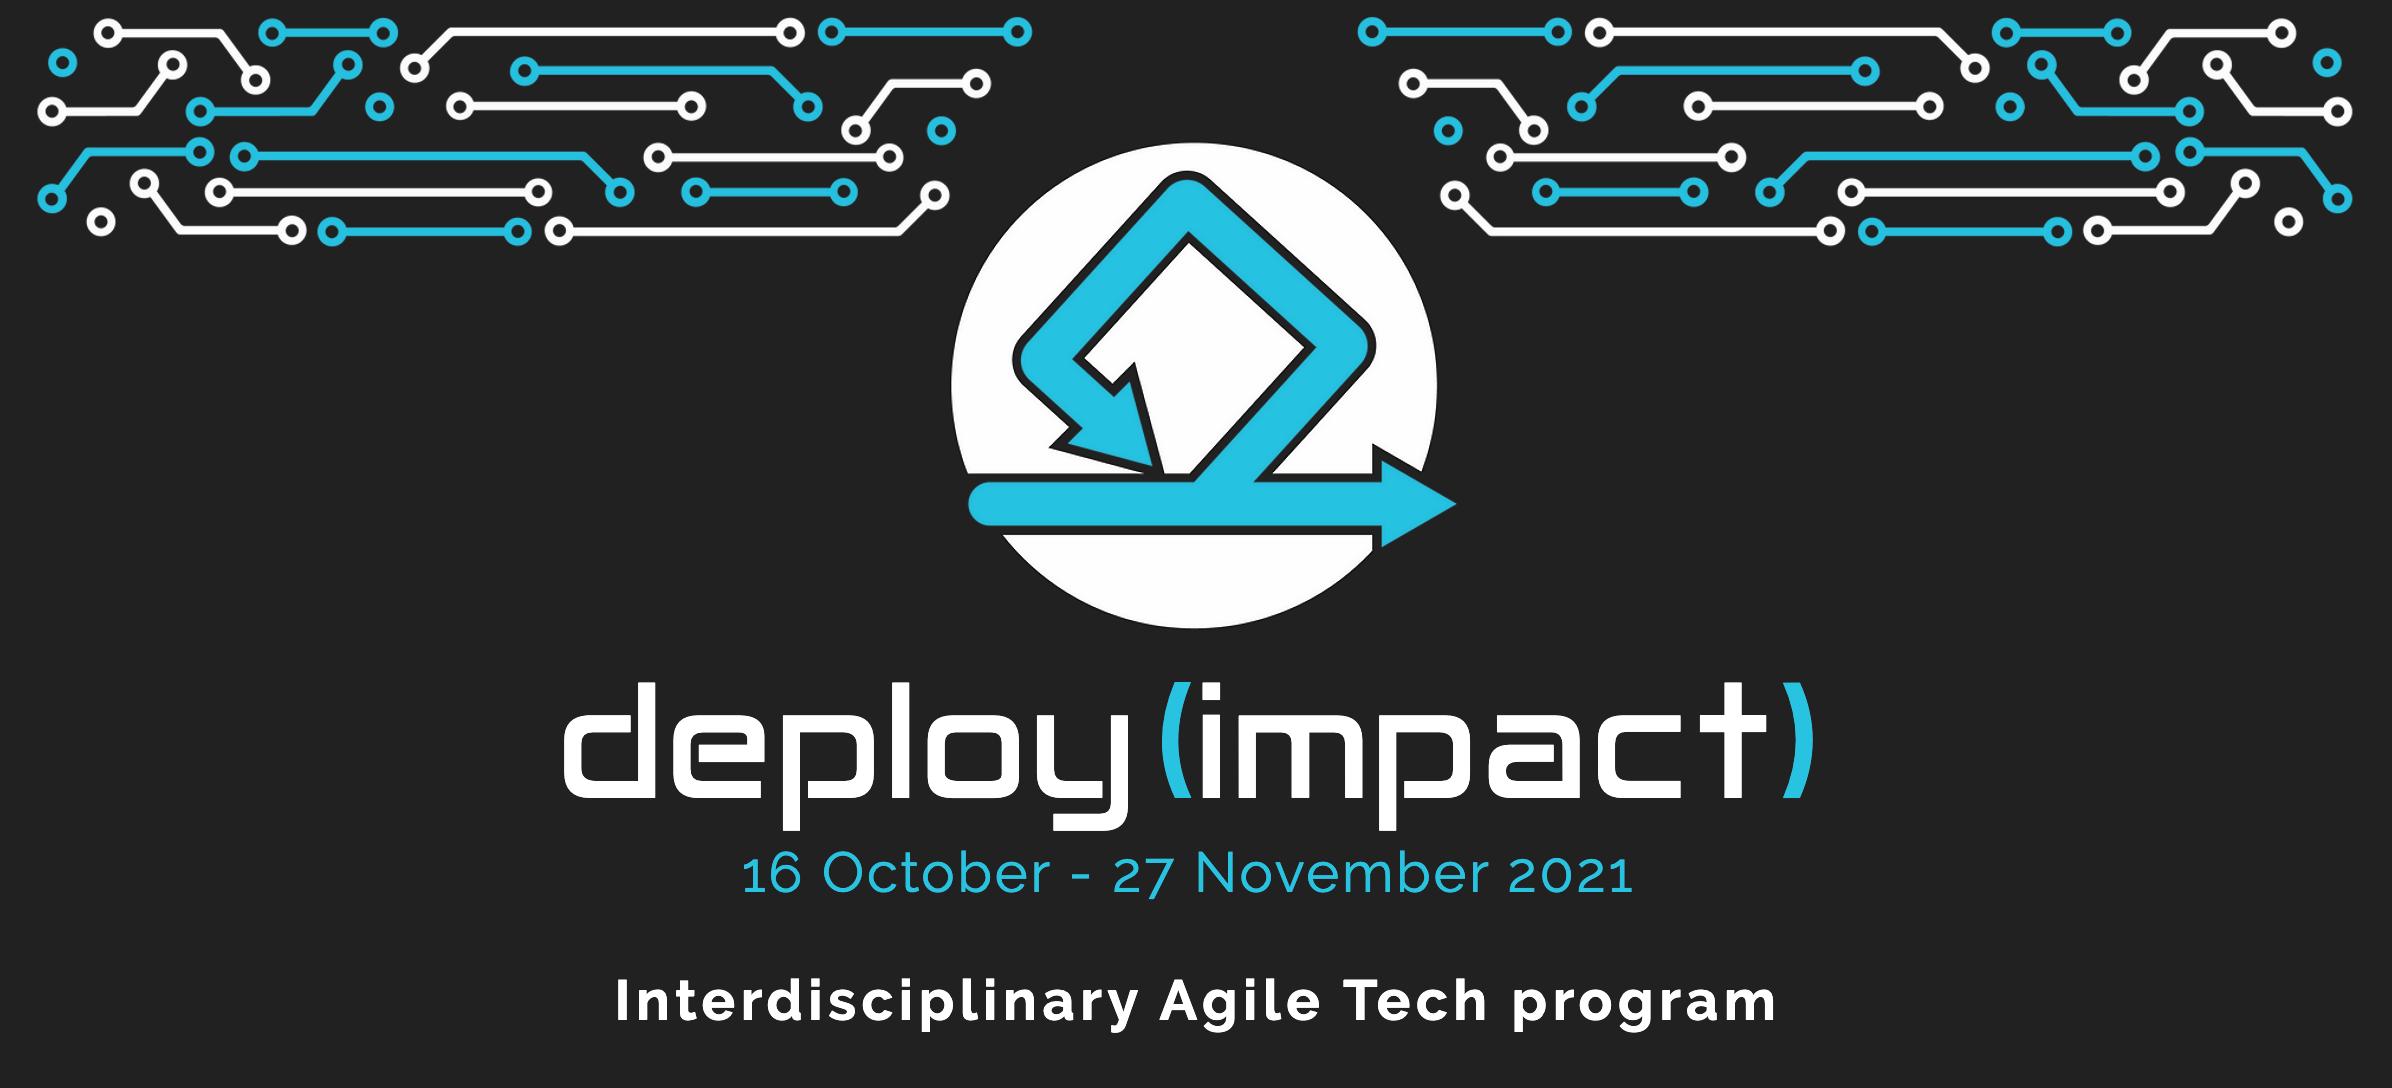 deploy impact